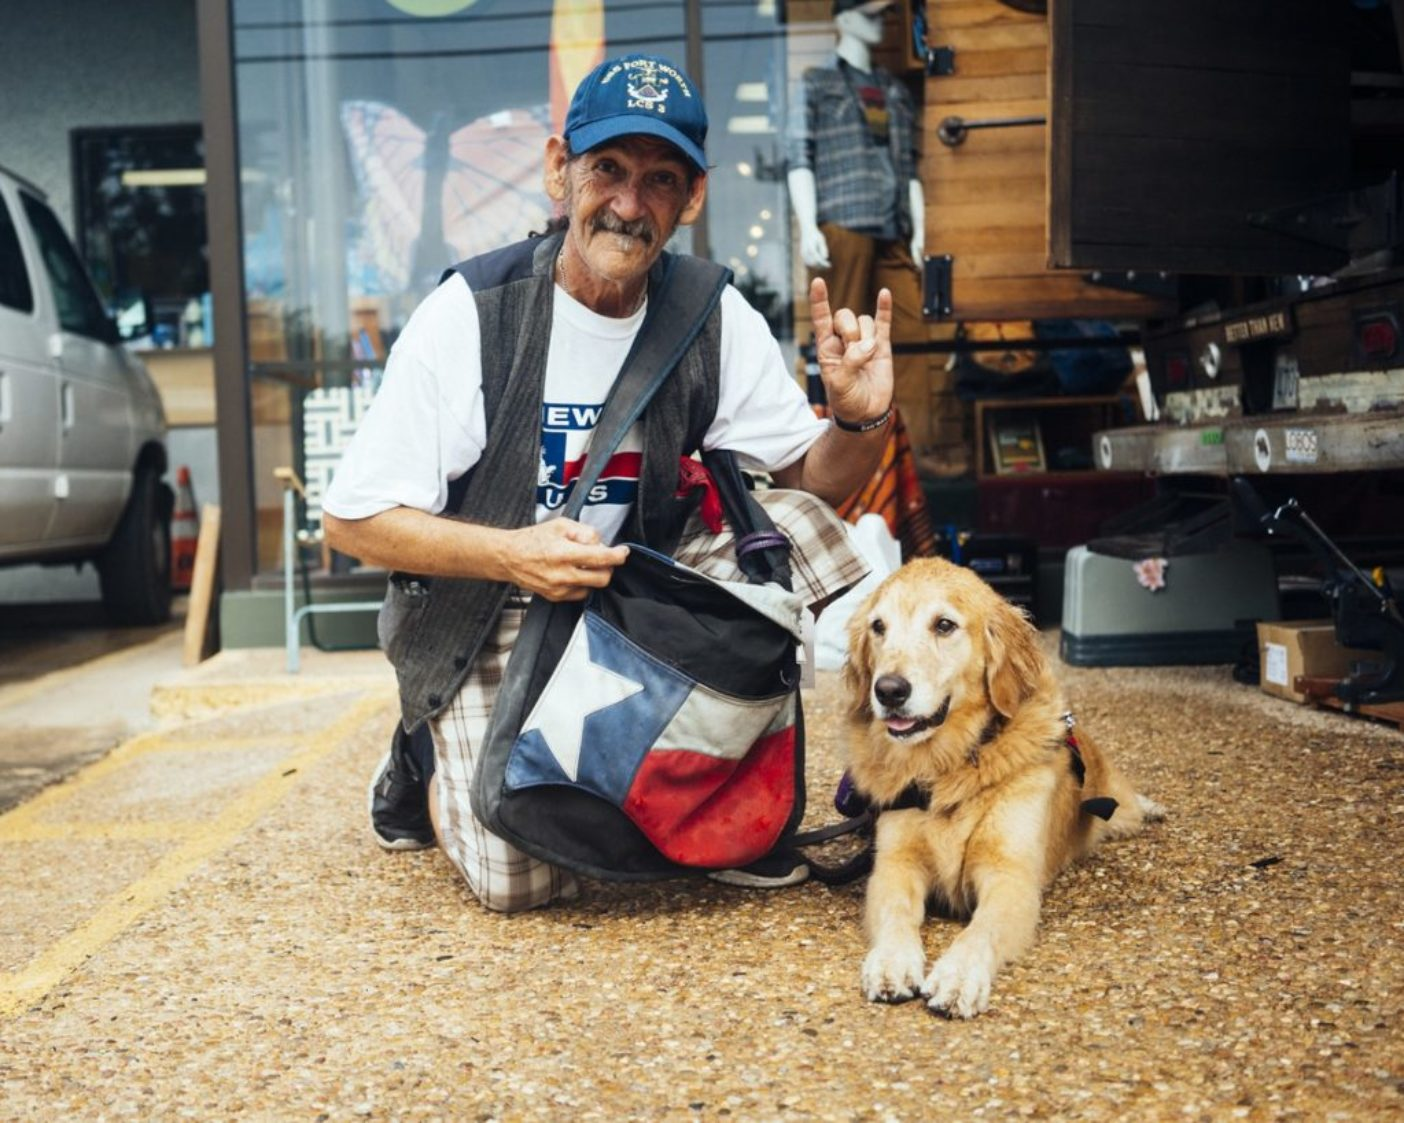 ダグと、テキサス州オースティンの歓迎団の一員である犬のエルビス。ダグの申し立てによると、彼はコーヒーのブランドのフォルジャーズの有名なテーマ曲「お目覚めで最高なのは……」の共同作曲者だという。僕らは彼のオースティン製のバッグを直して、忘れずに彼のサインを貰った。Photo: Donnie Hedden